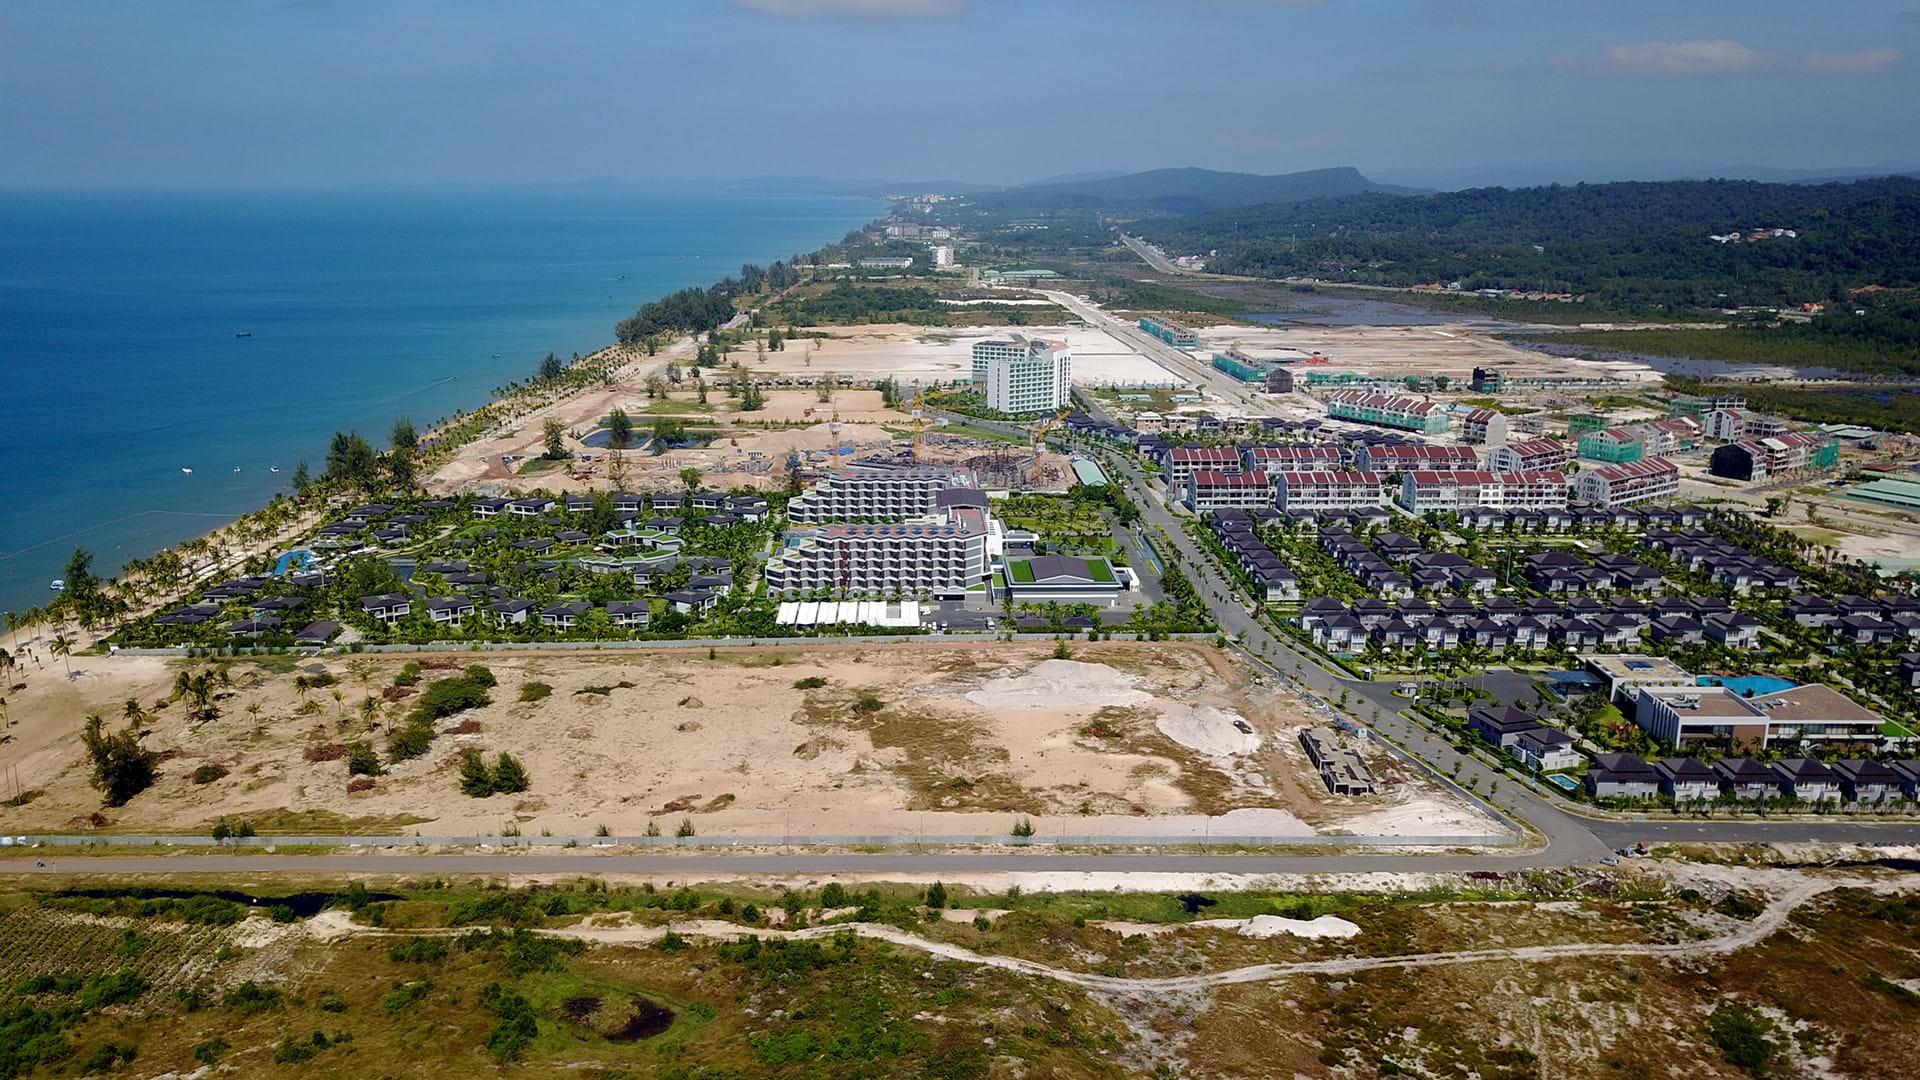 Trước ngày trở thành đặc khu kinh tế, Phú Quốc được nhiều giới đầu tư quan tâm đổ về giao dịch bất động sản. Ảnh: Zing